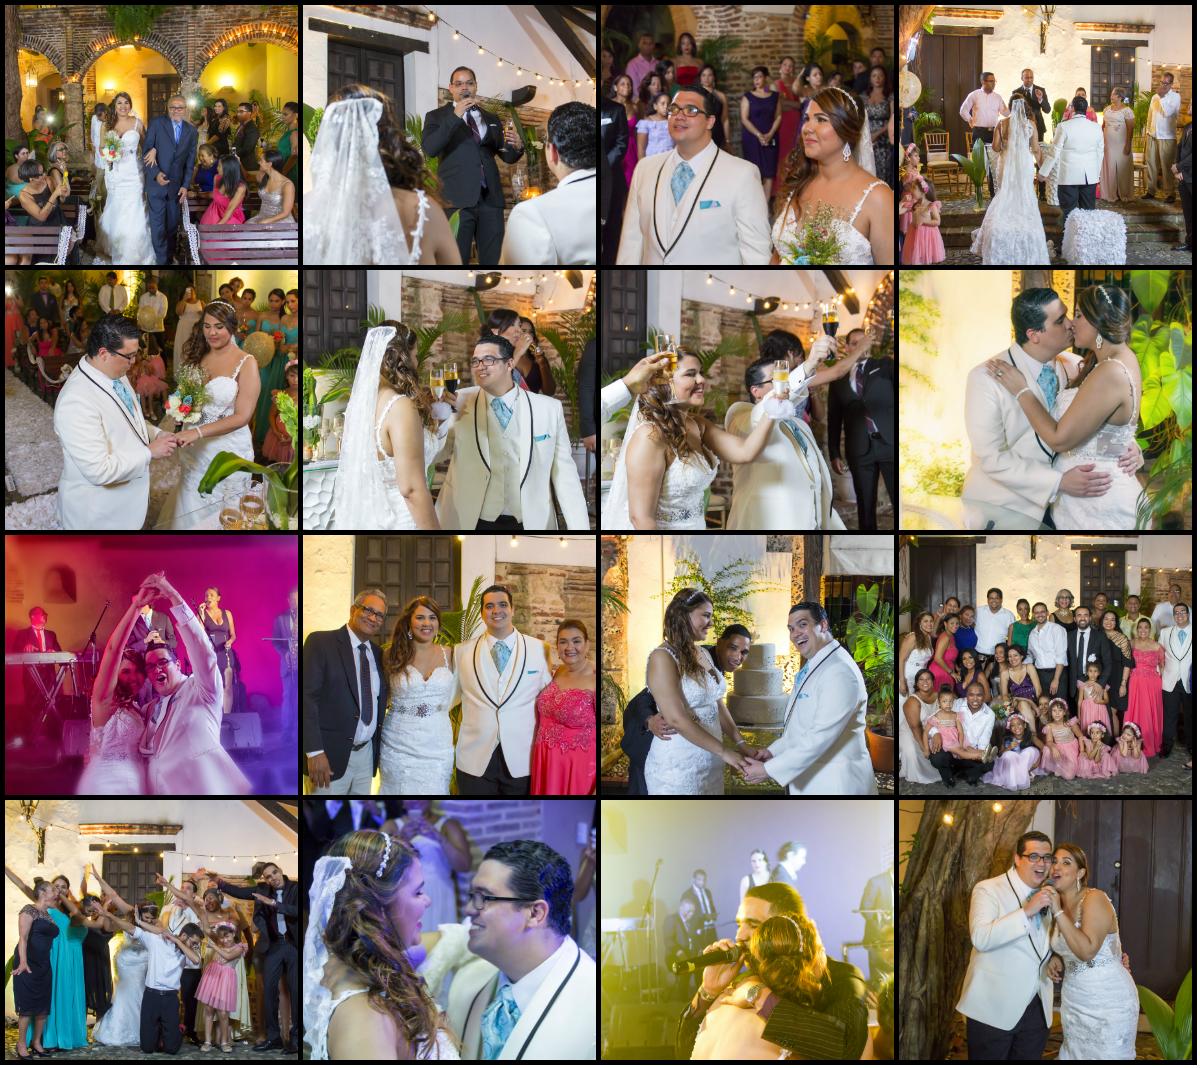 www.Xproevents.com - Boda Danilo & Carla (Zona Colonial)